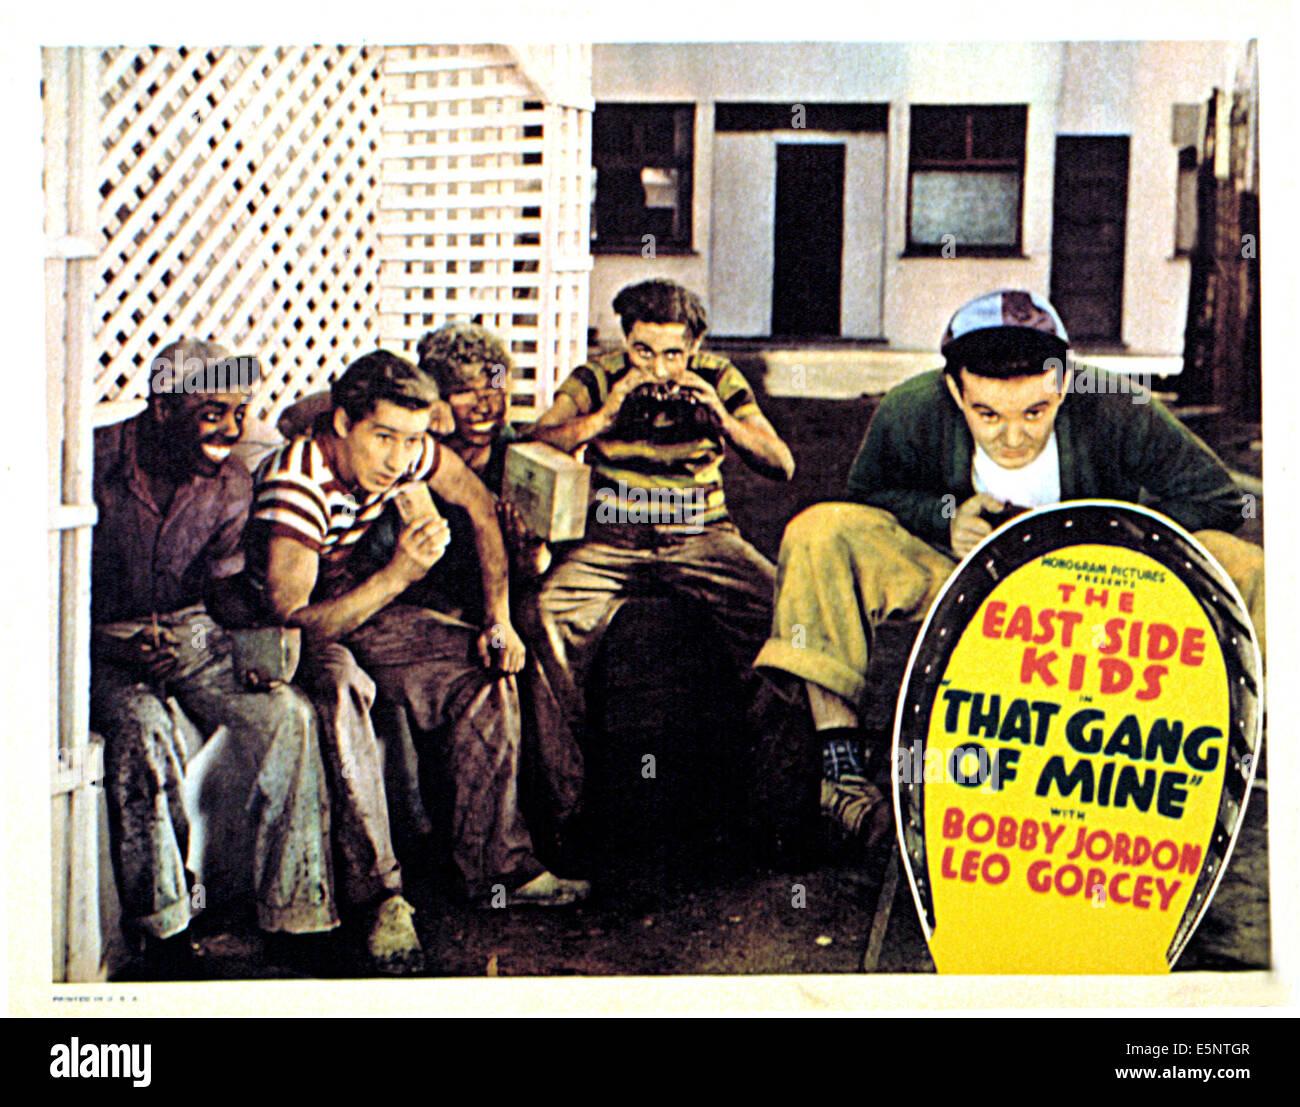 THAT GANG OF MINE, Ernest Morrison, Bobby Jordan, Eugene Francis, David  Gorcey, Leo Gorcey, 1940